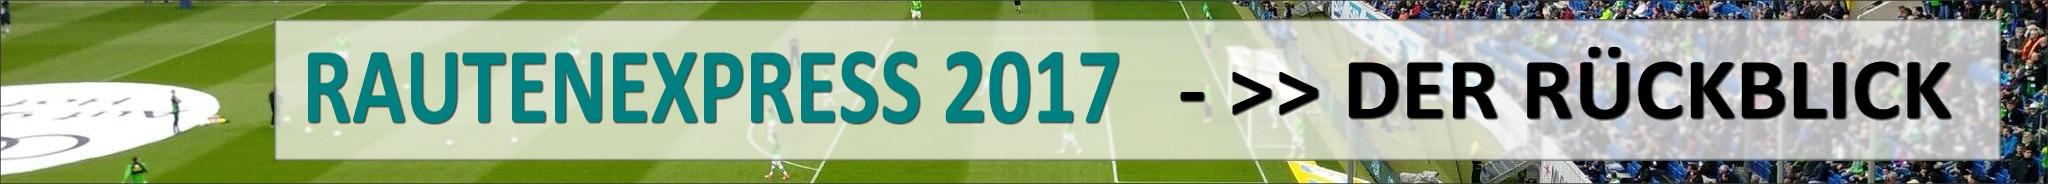 Rautenexpress Jahresrückblick 2017